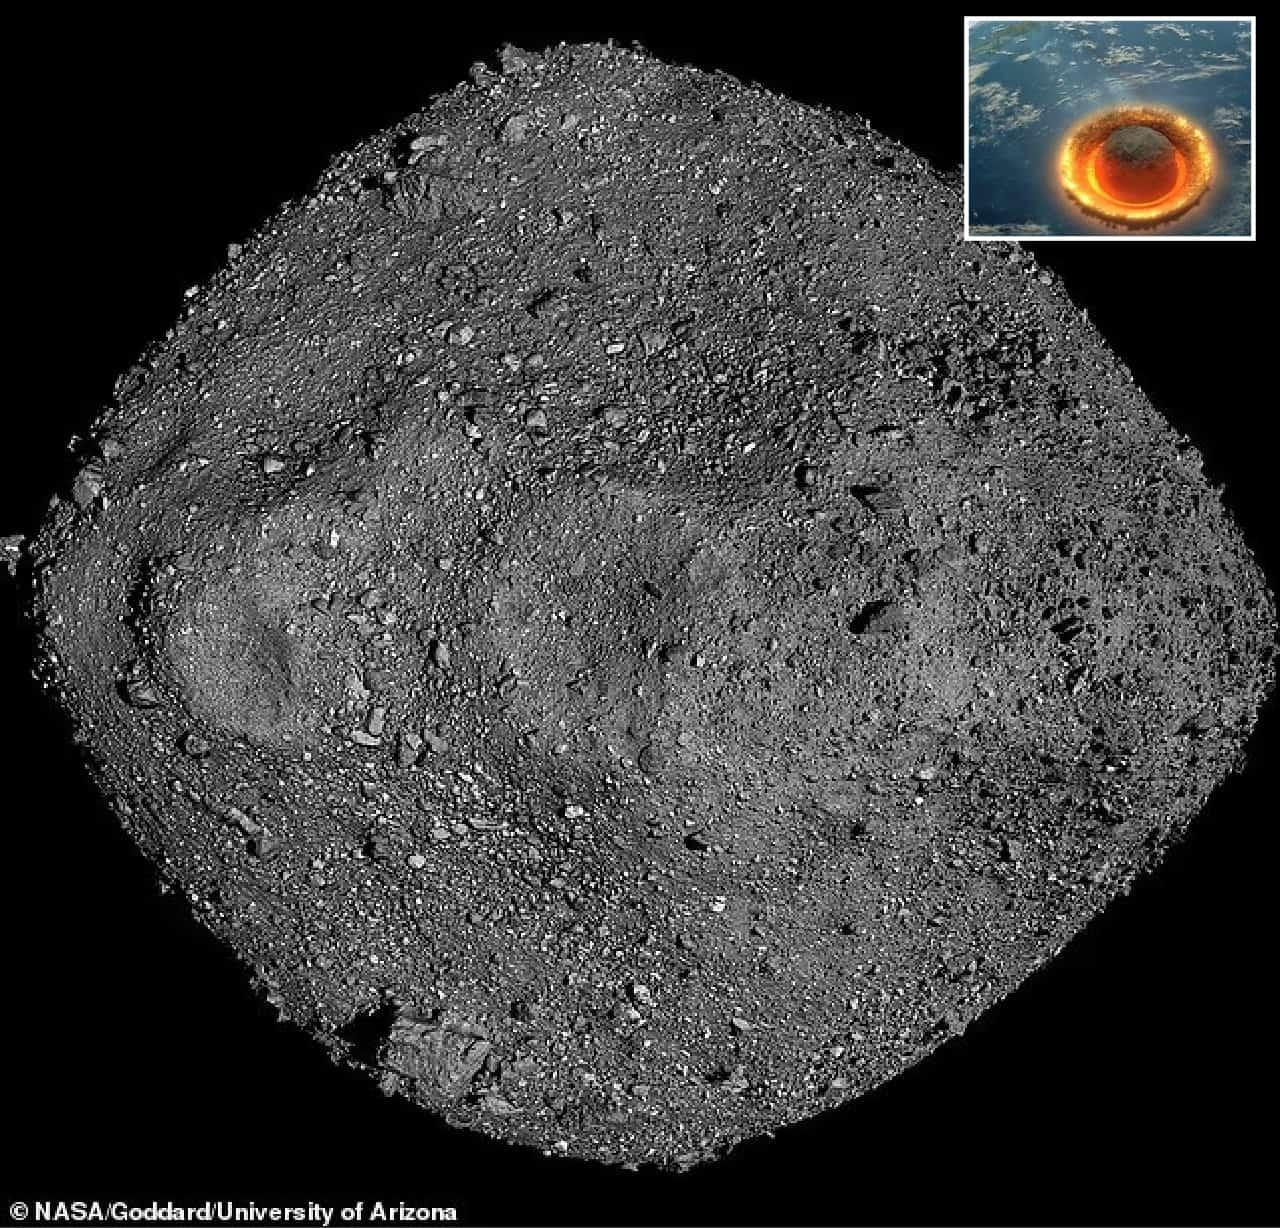 bennu immagine asteroide - Ultime dalla NASA sull'Asteroide Bennu, sono maggiori il rischio di impatto sulla Terra